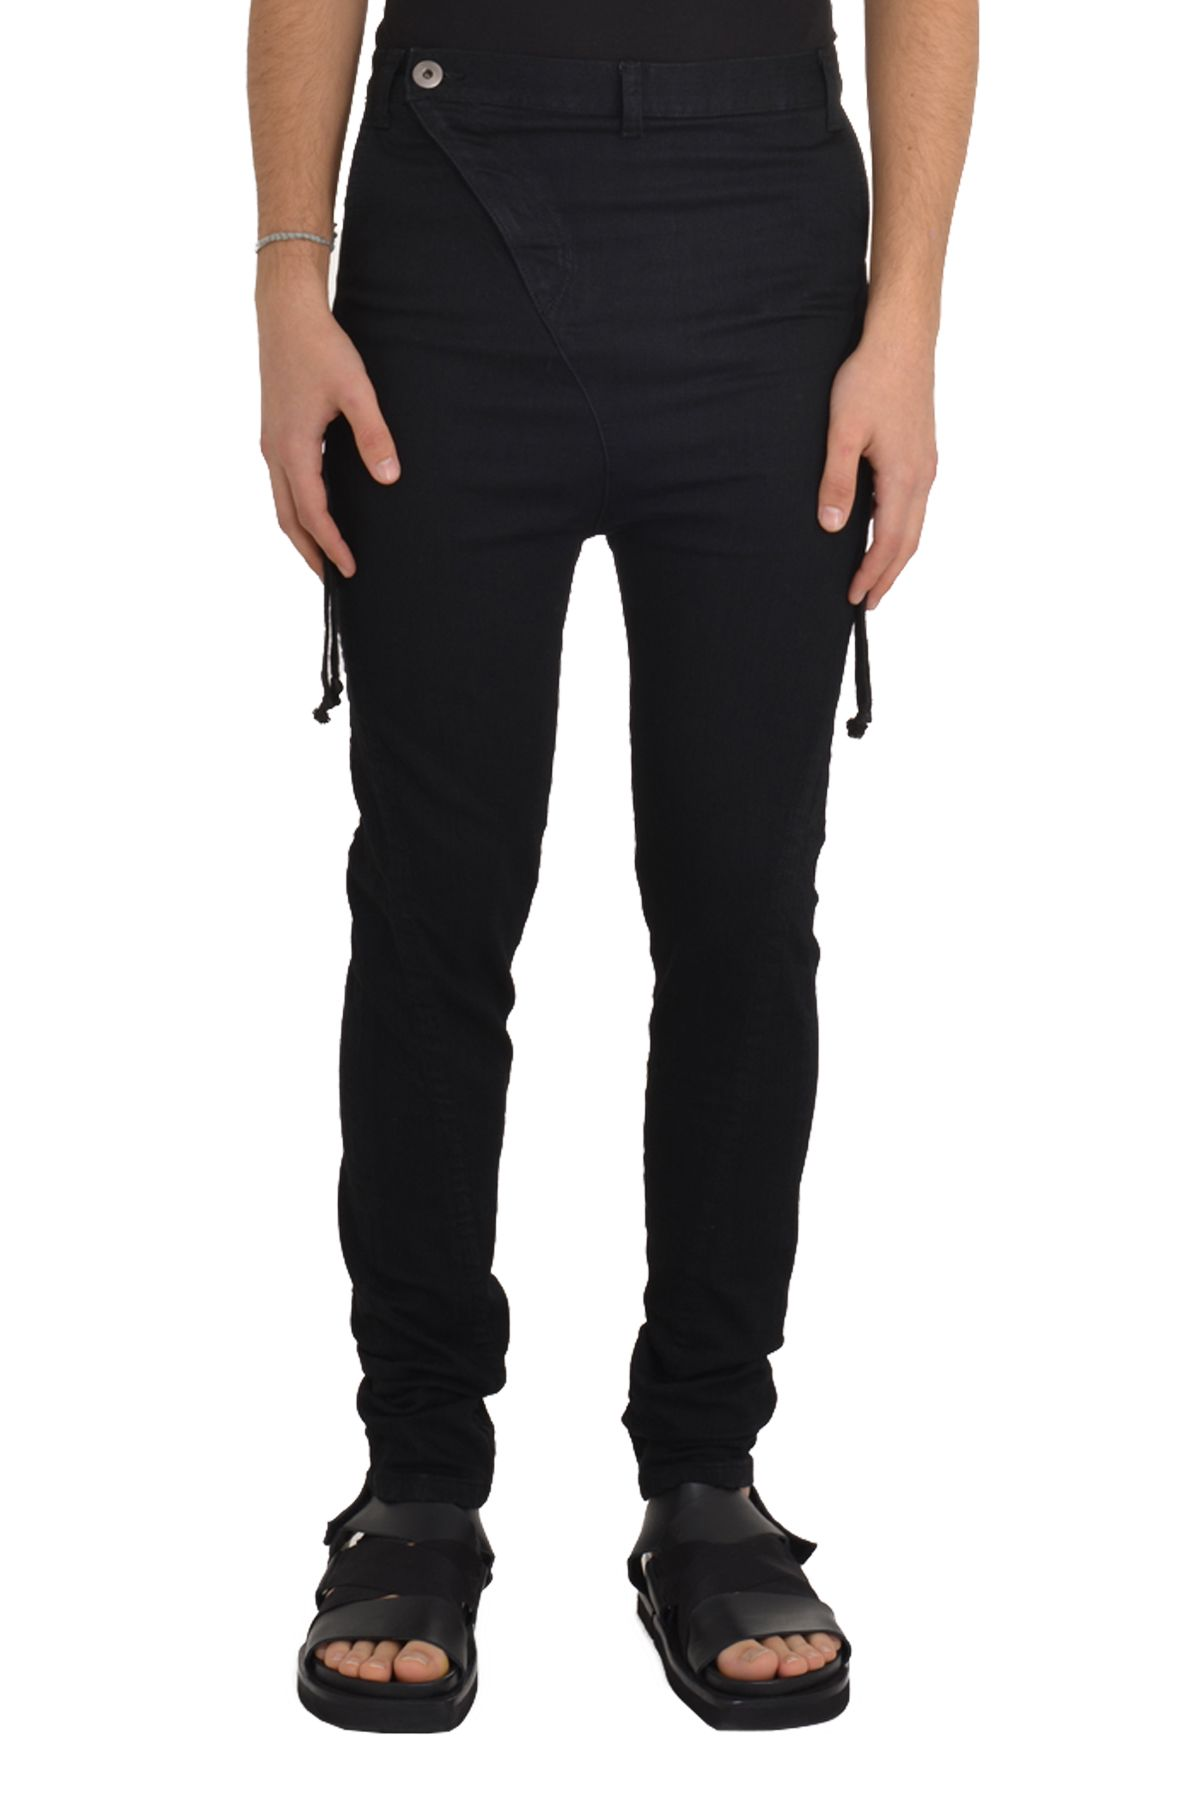 7551 Stringed Denim Pants